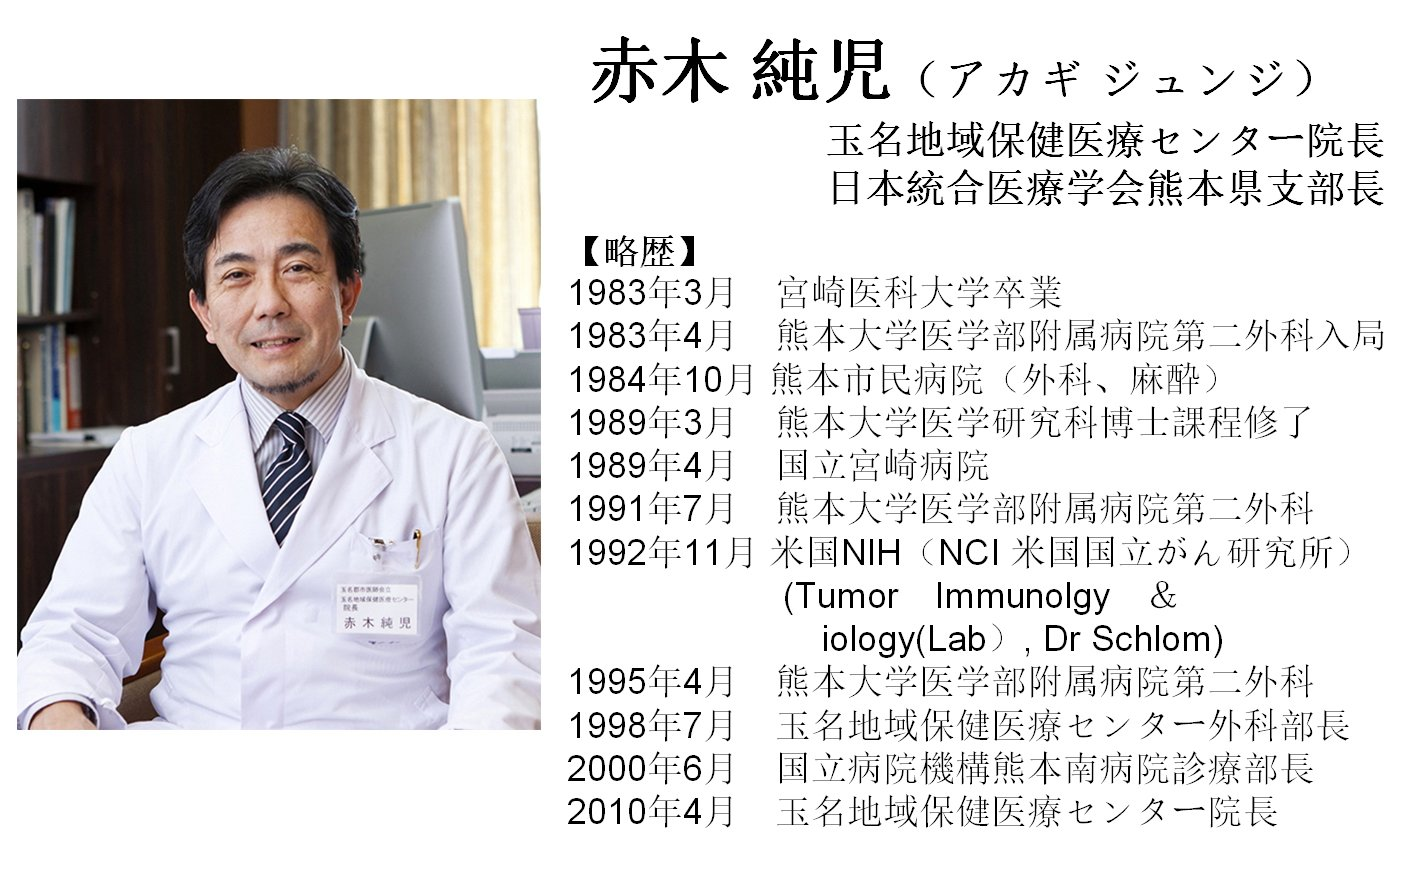 赤木純兒 博士 -日本 玉名市立醫療中心院長